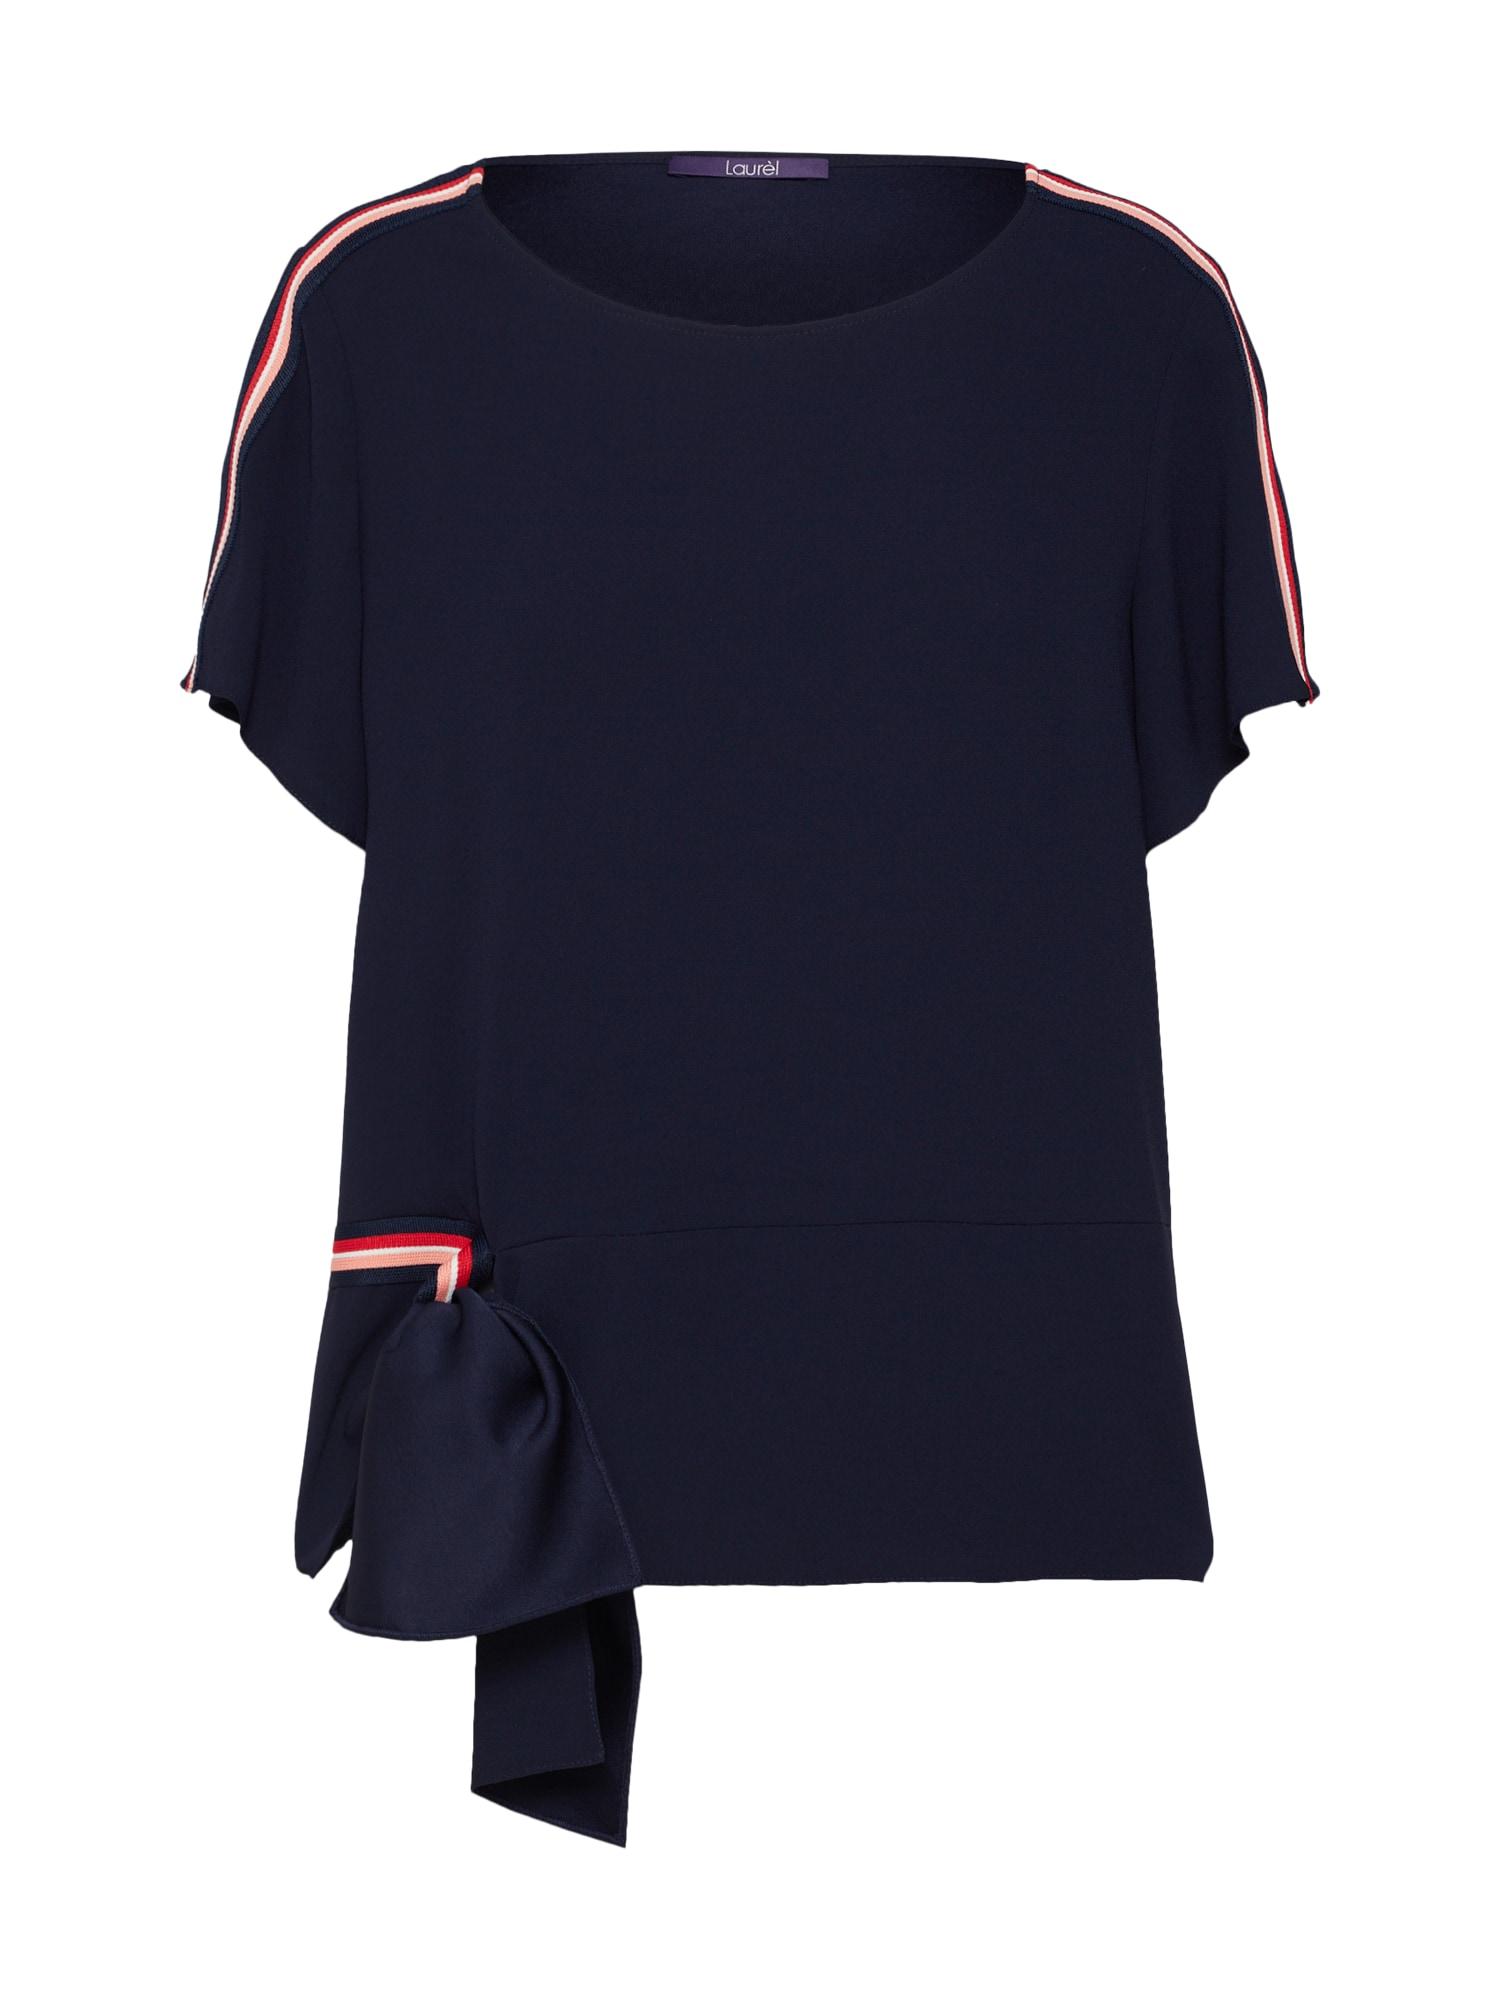 Tričko černá LAUREL